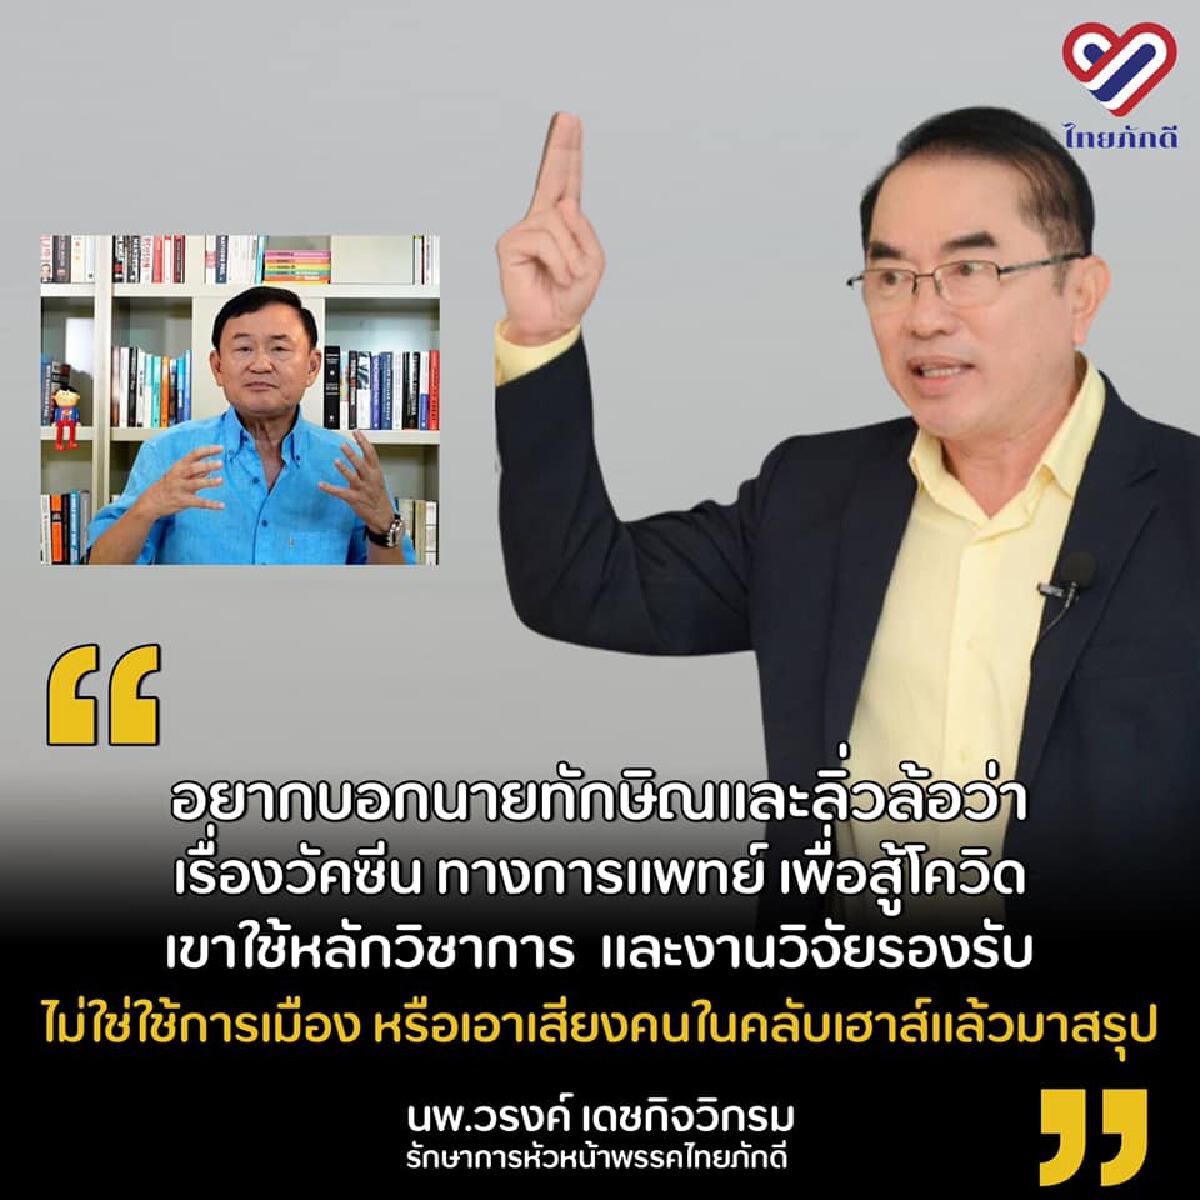 หมอวรงค์ เตือน โทนี คลับเฮาส์ไม่ใช่ชีวิตจริง กลับไทยเป็นแค่นักโทษหนีคดี